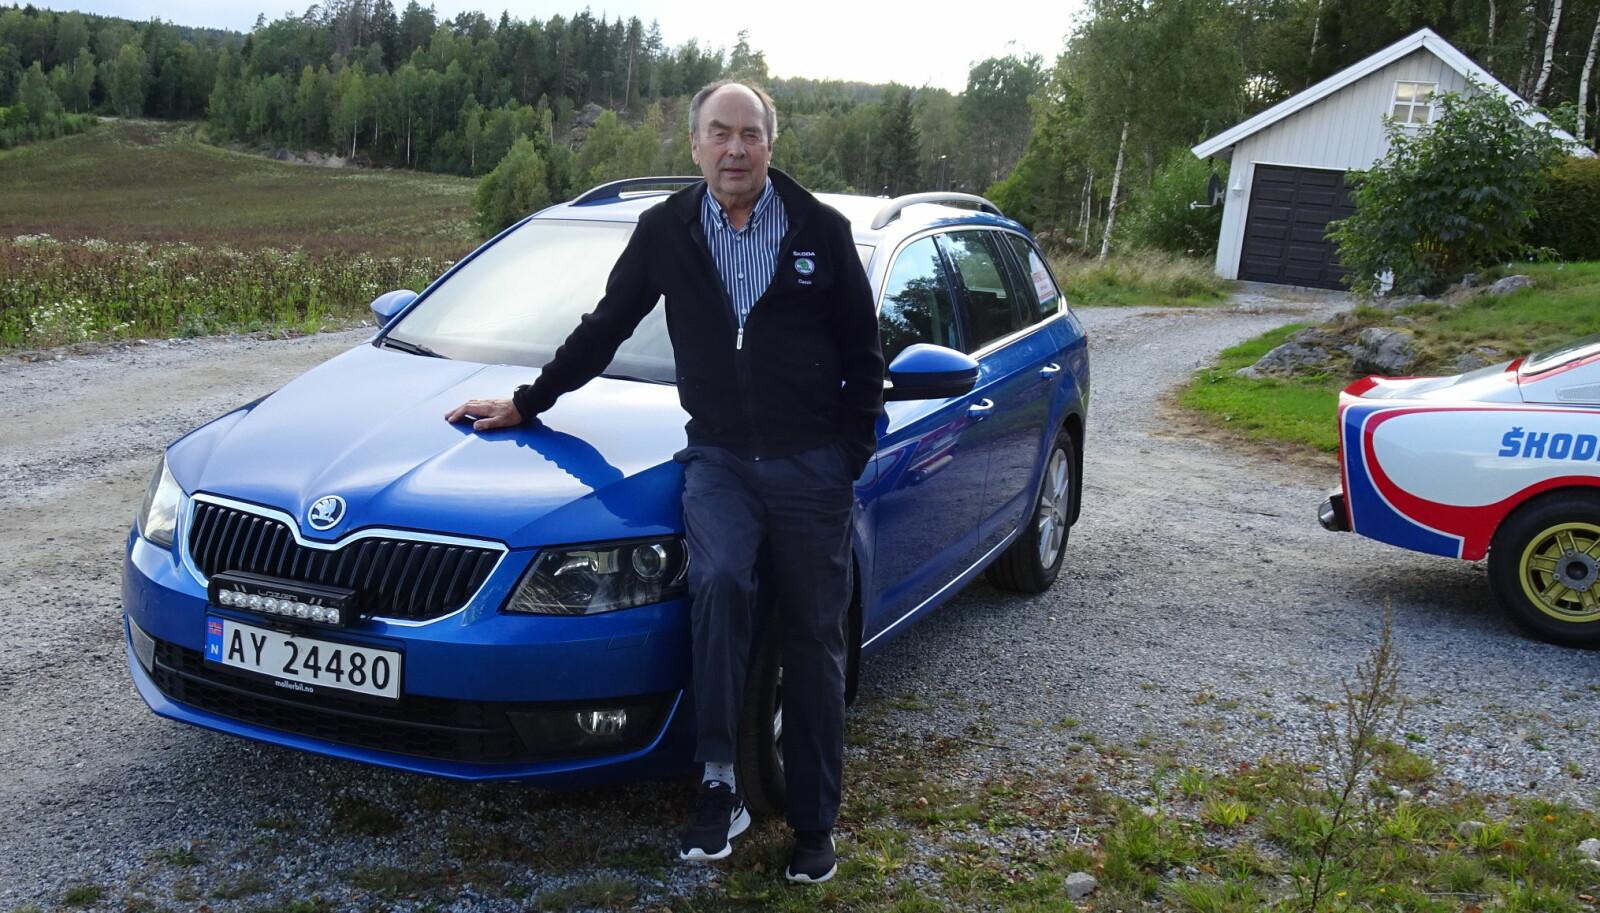 <b>EVIG DIN:</b> John Haugland har vært Skoda-trofast siden 1960-tallet og har nå en ny modell i garasjen ved siden av rally-esset 130RS, som han fikk i gave fra den tsjekkiske fabrikken.